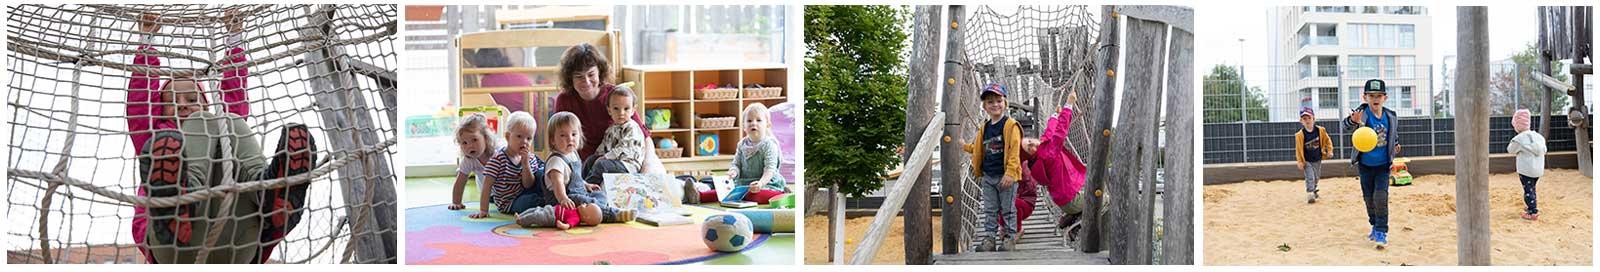 kindergarten erfurt steigerburg spielen